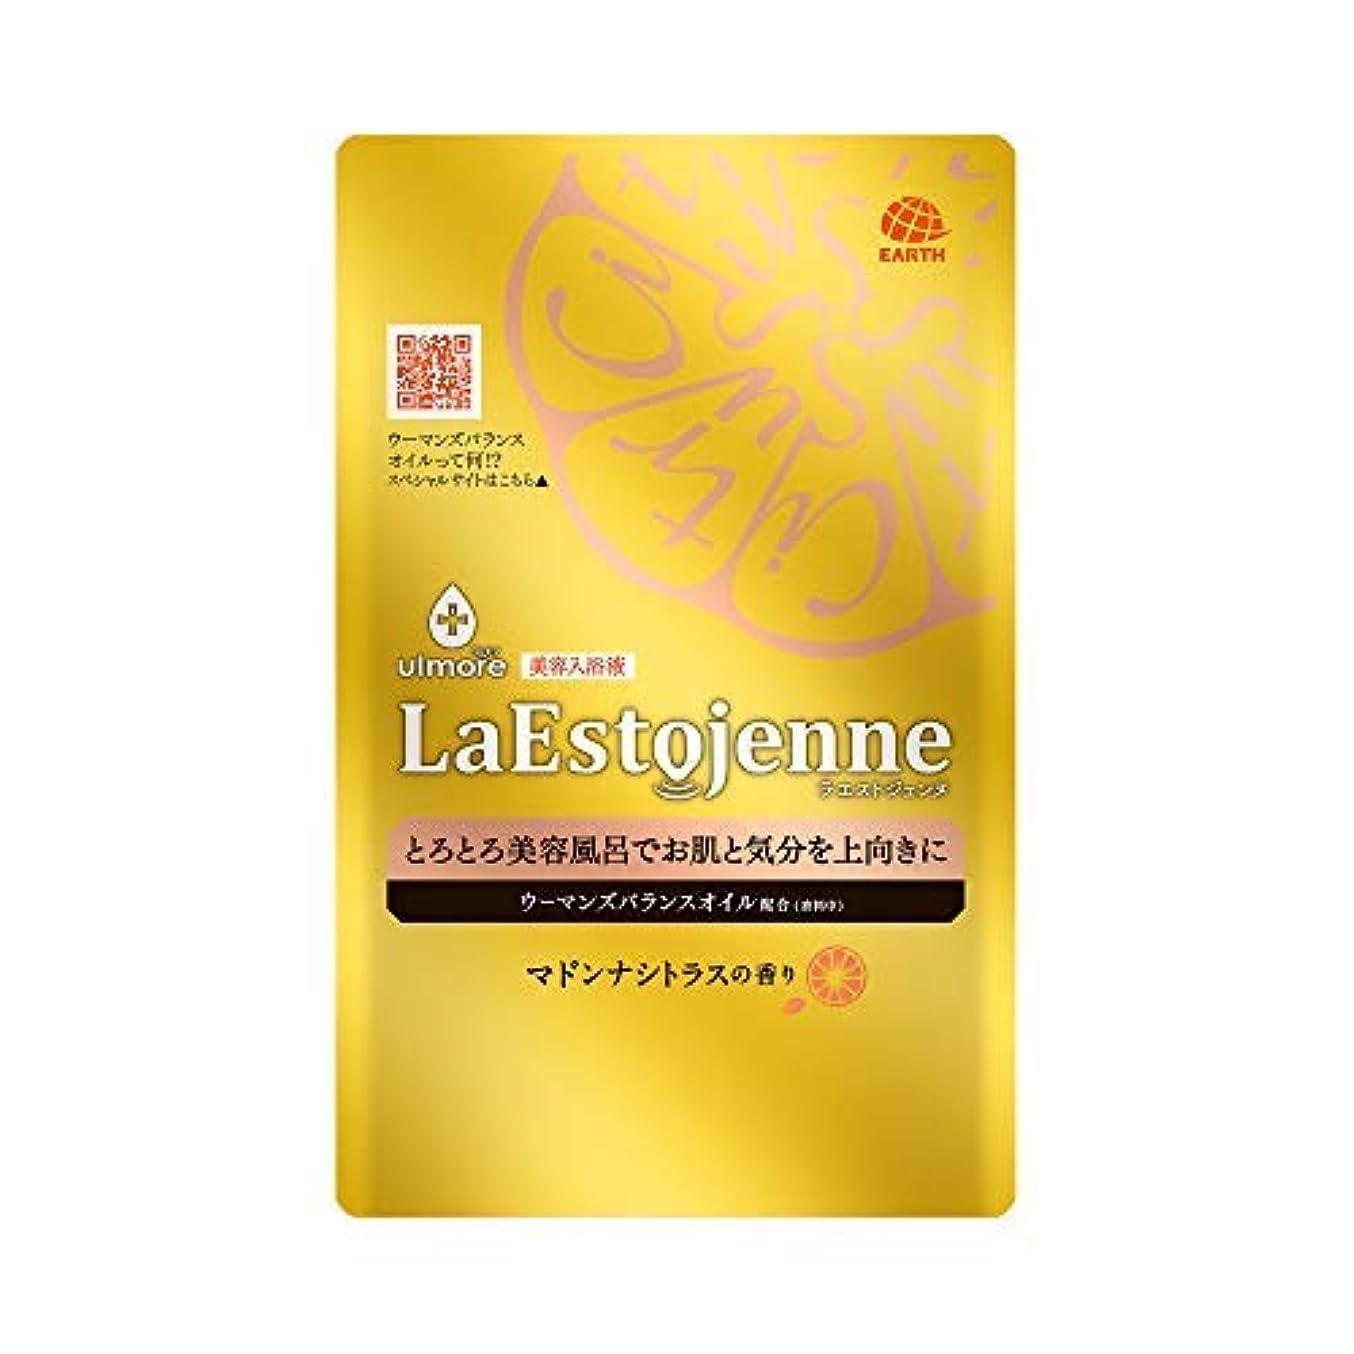 アンデス山脈楕円形素朴なウルモア ラエストジェンヌ マドンナシトラスの香り 1包 × 6個セット